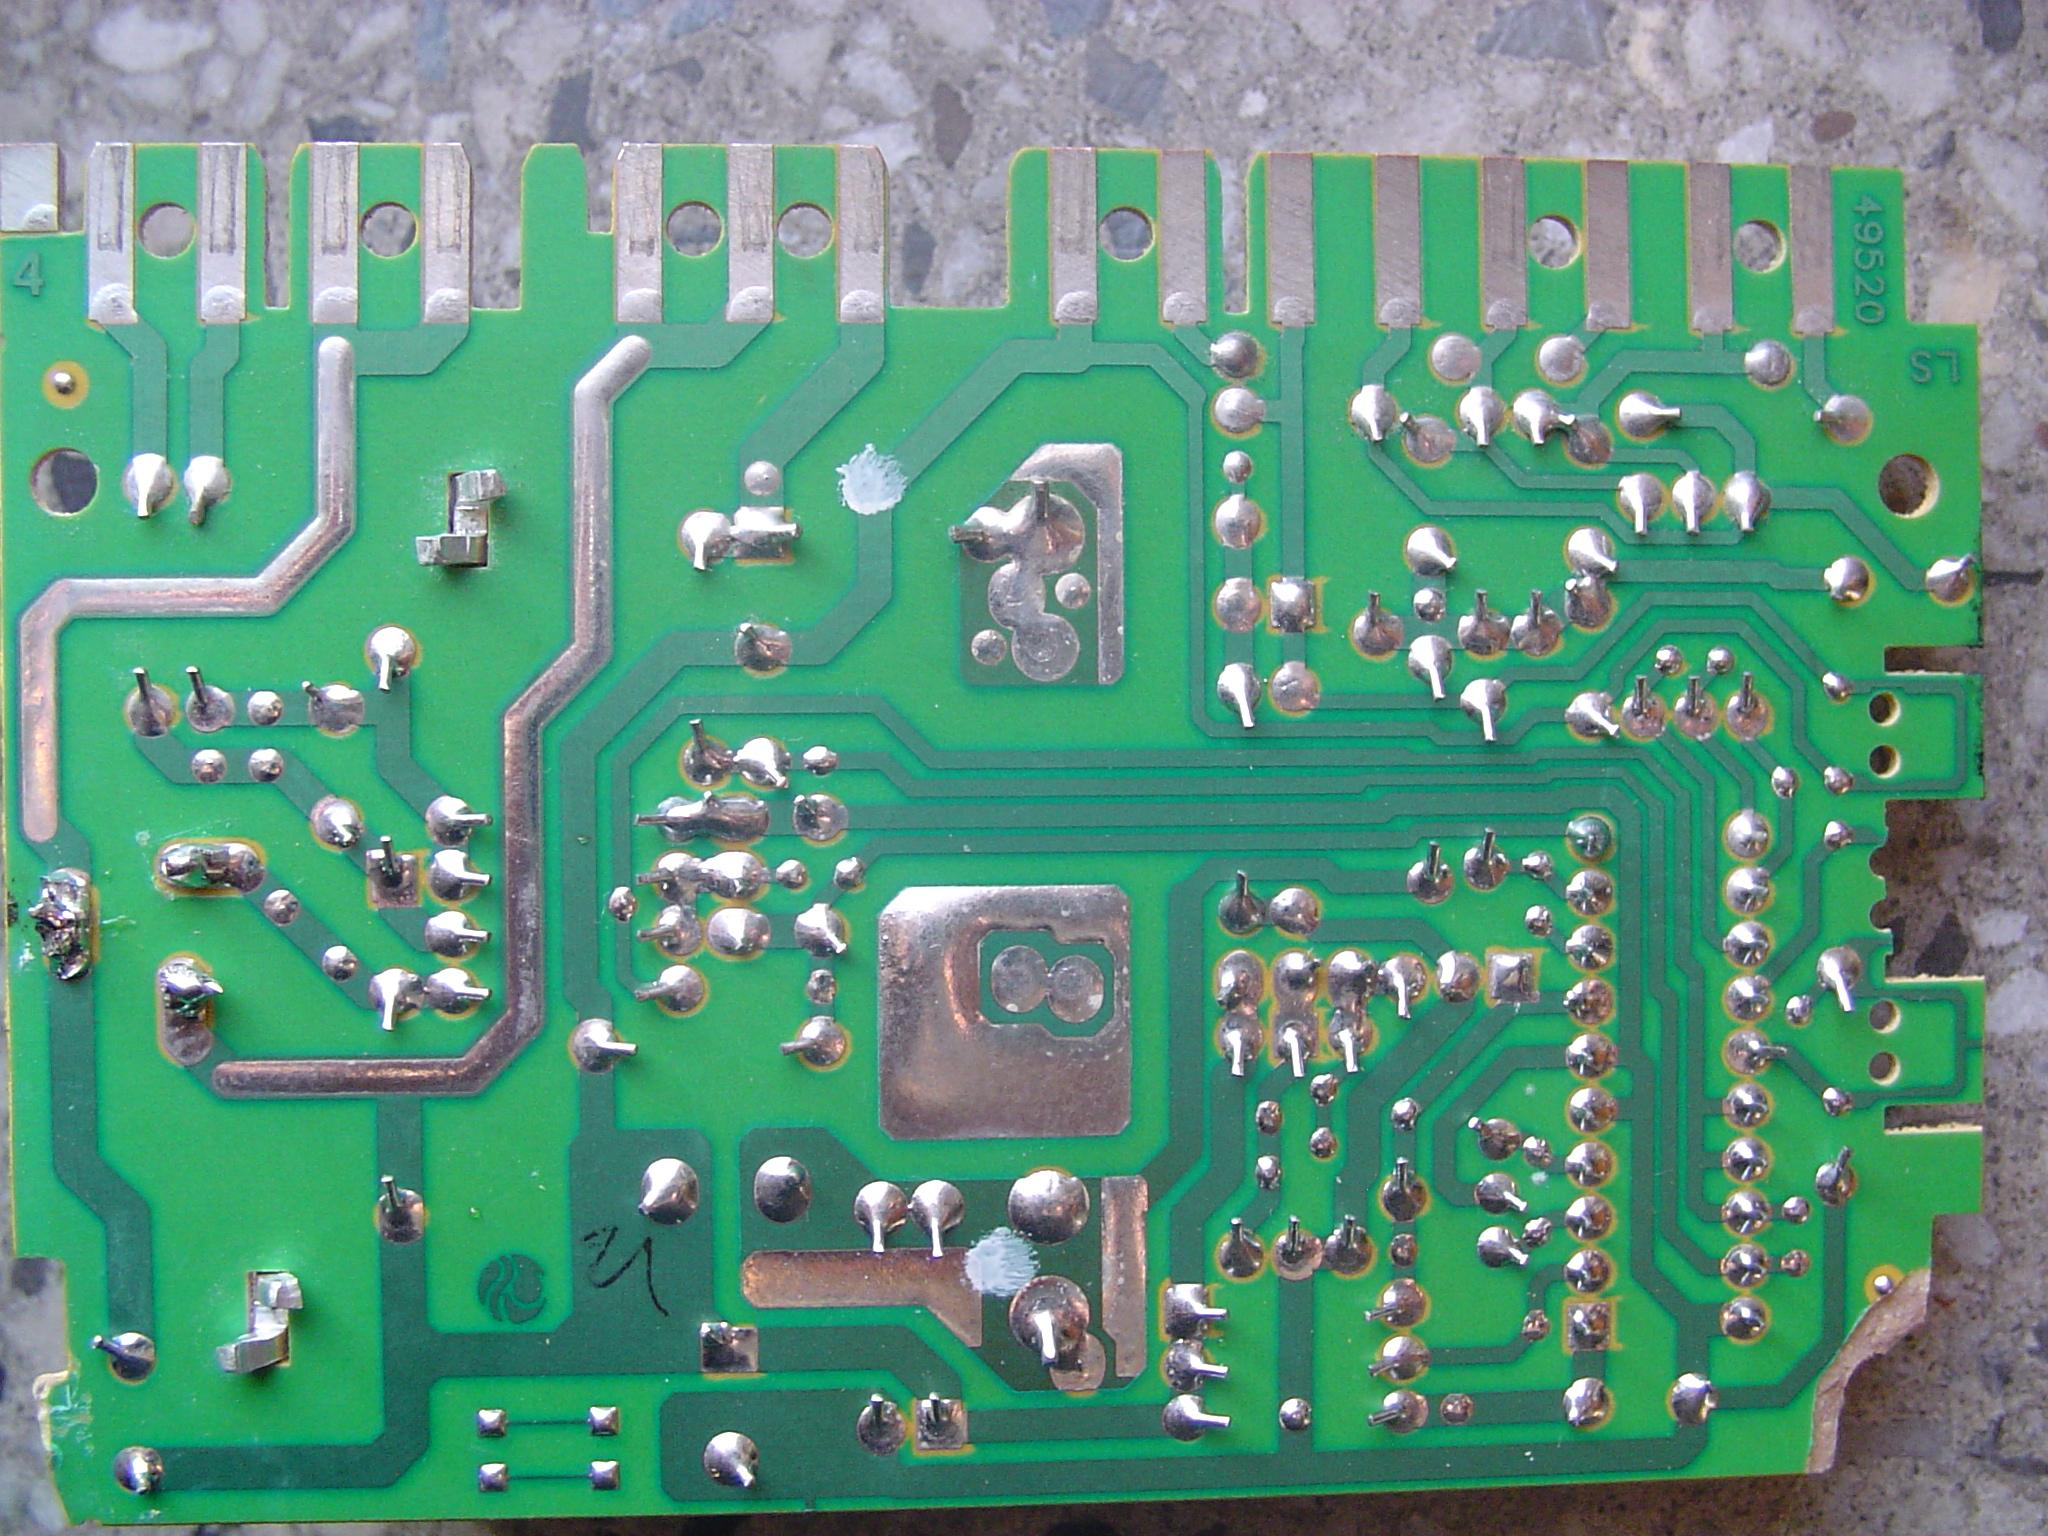 CVA218 Modu� pralki PDP 885 czy dam rad� naprawi�?